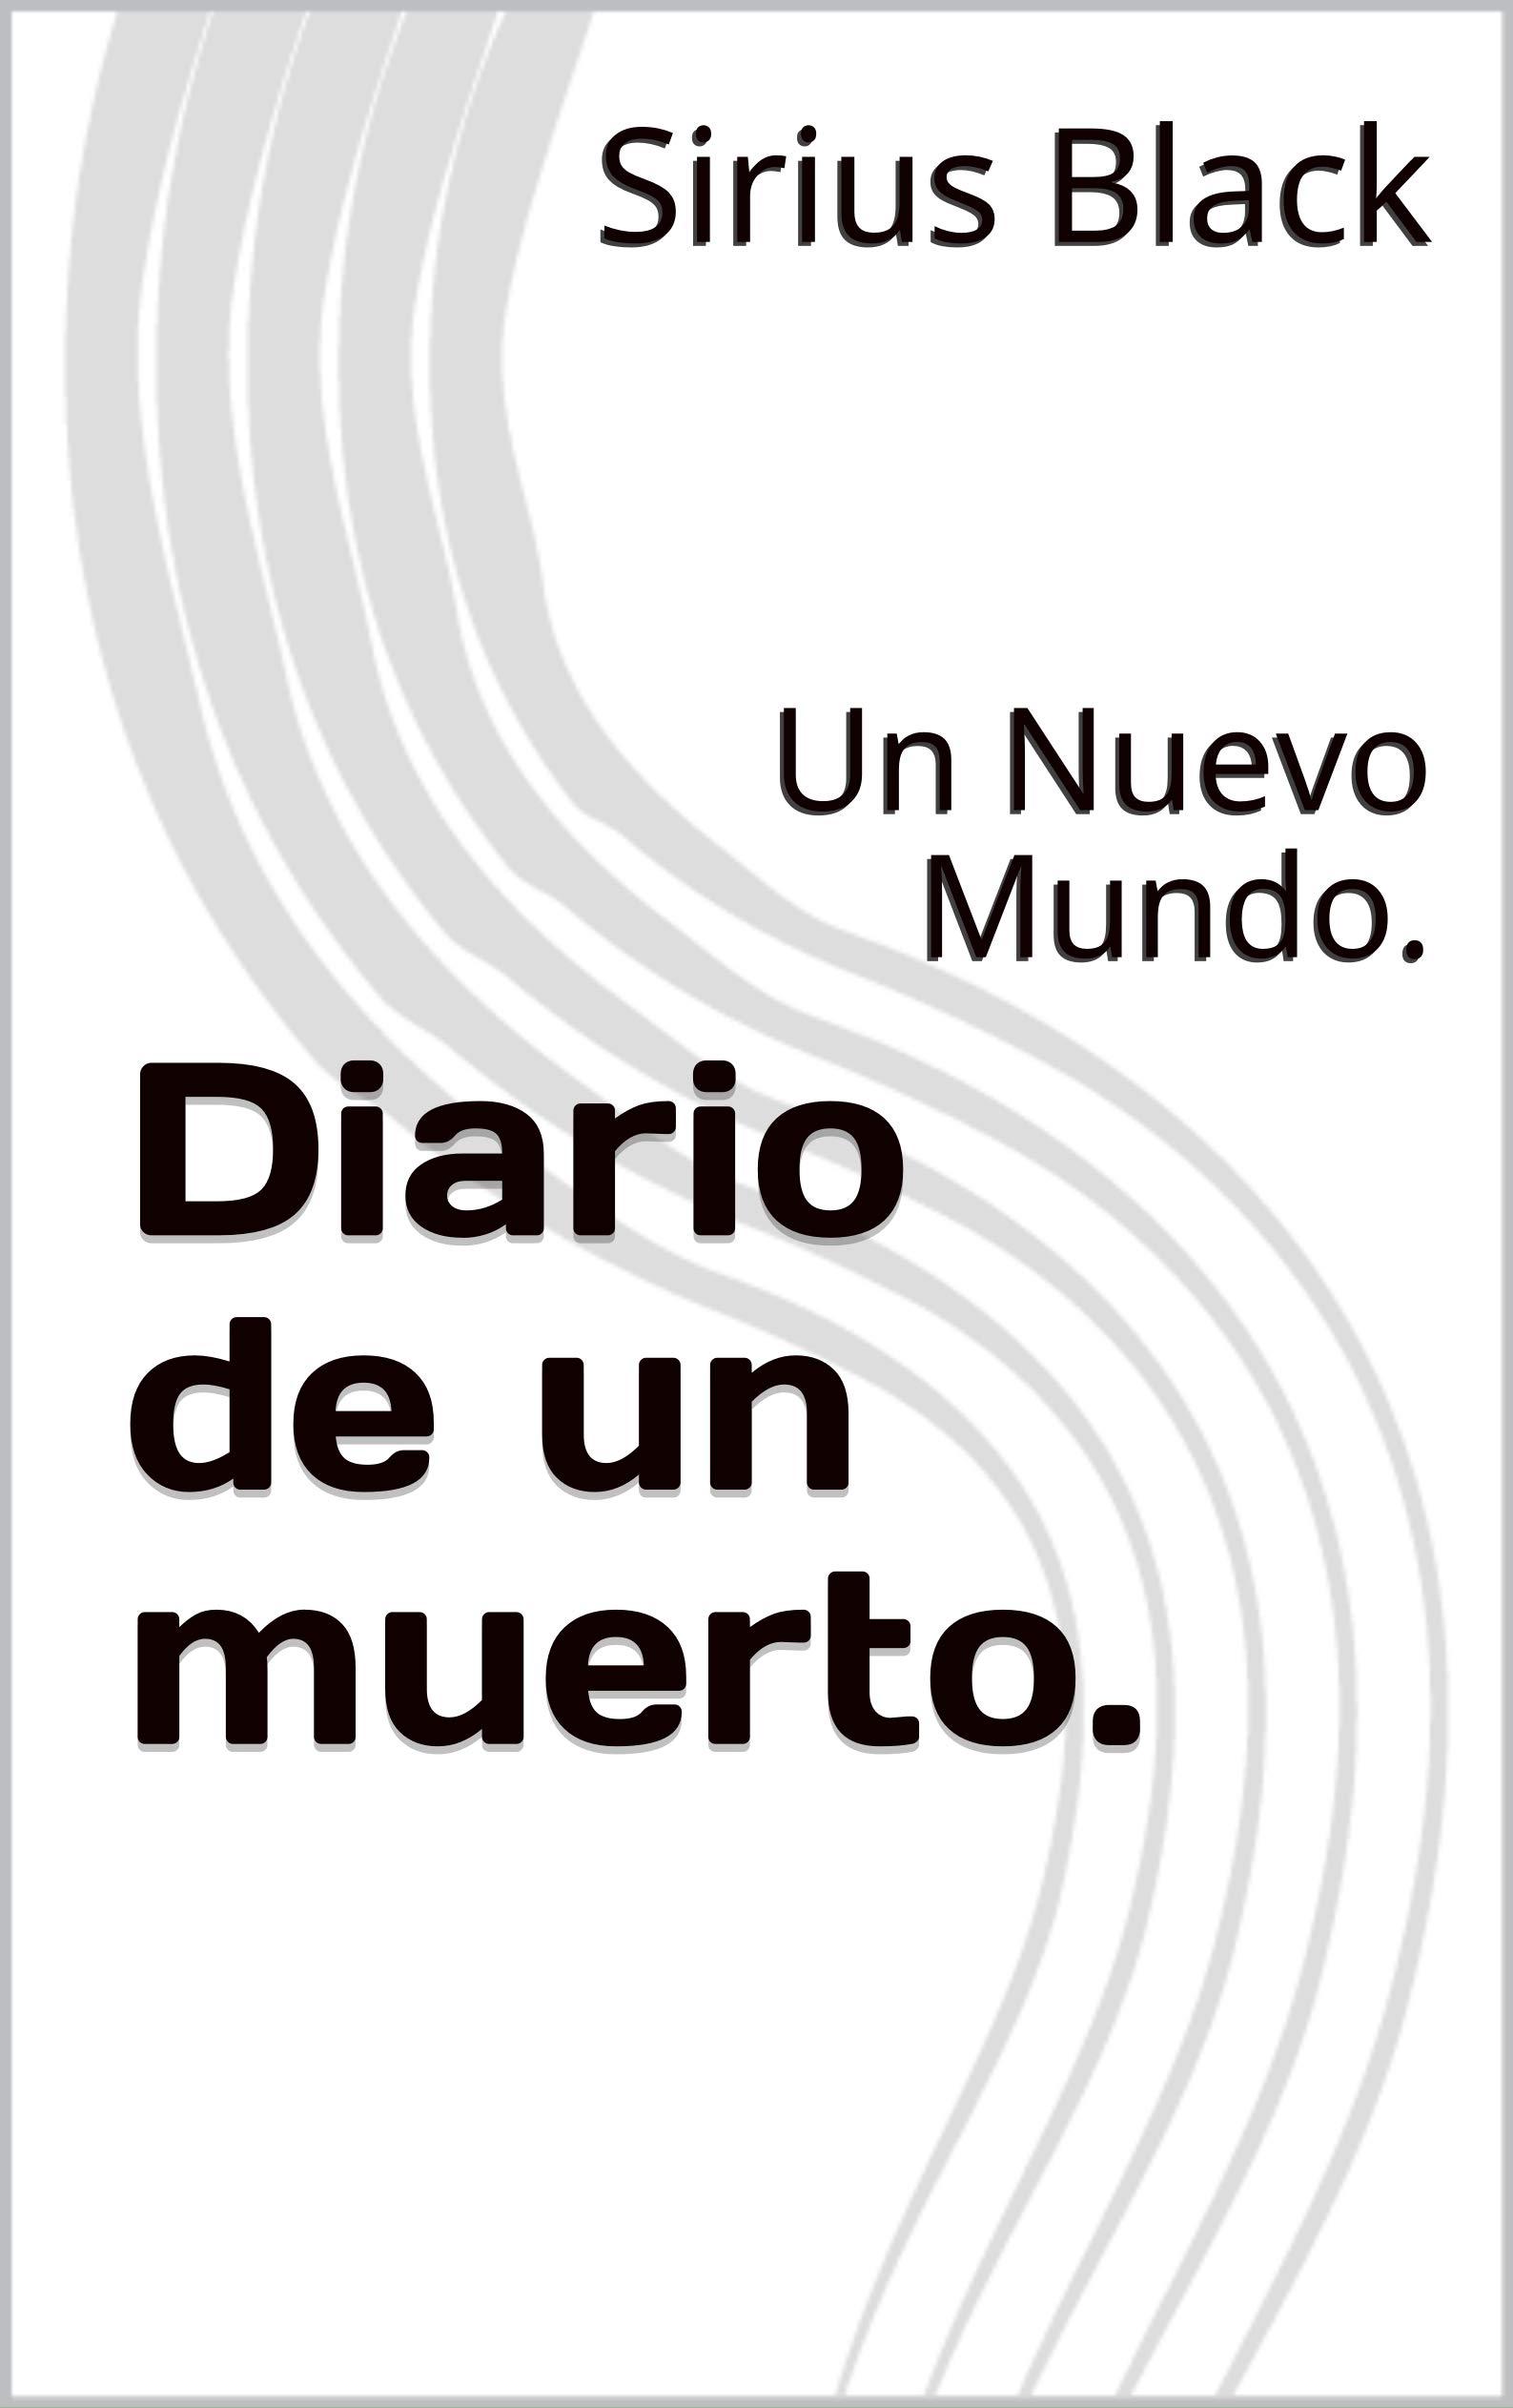 Diario de un muerto.: Un Nuevo Mundo. (Spanish Edition)